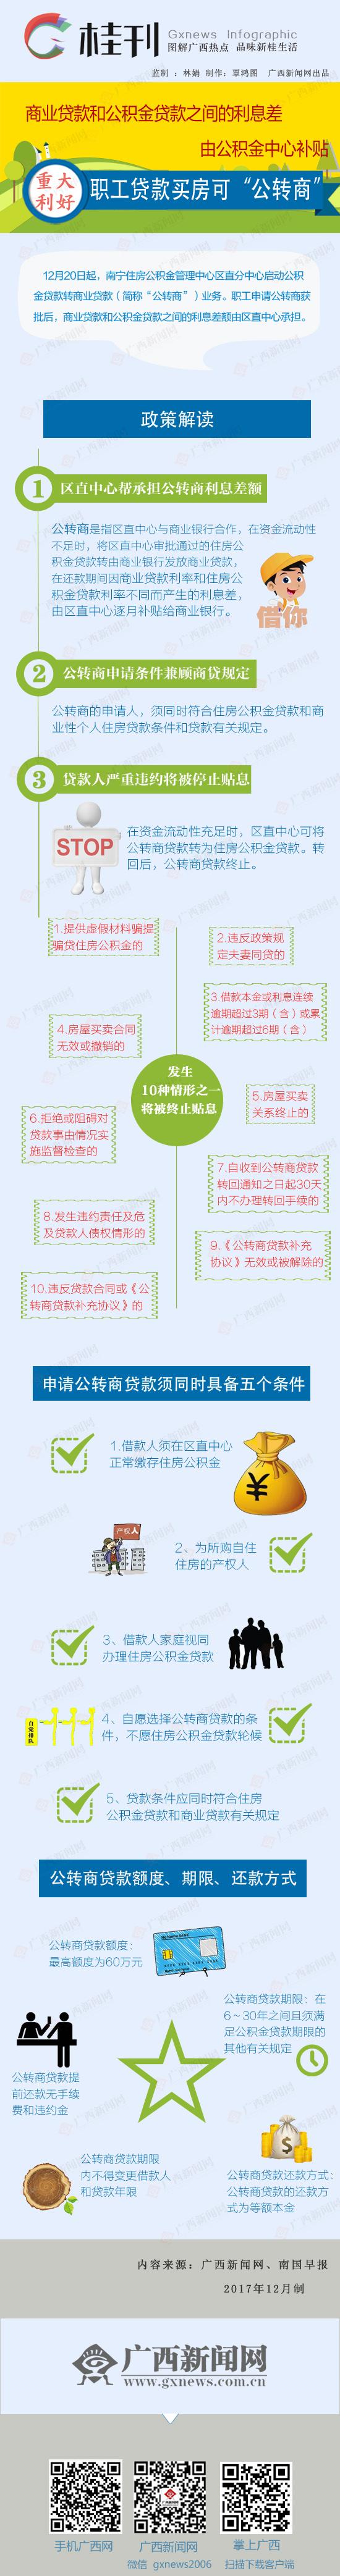 """【桂刊】南宁:贷款买房可""""公转商"""" 利息差不用借款人承担"""